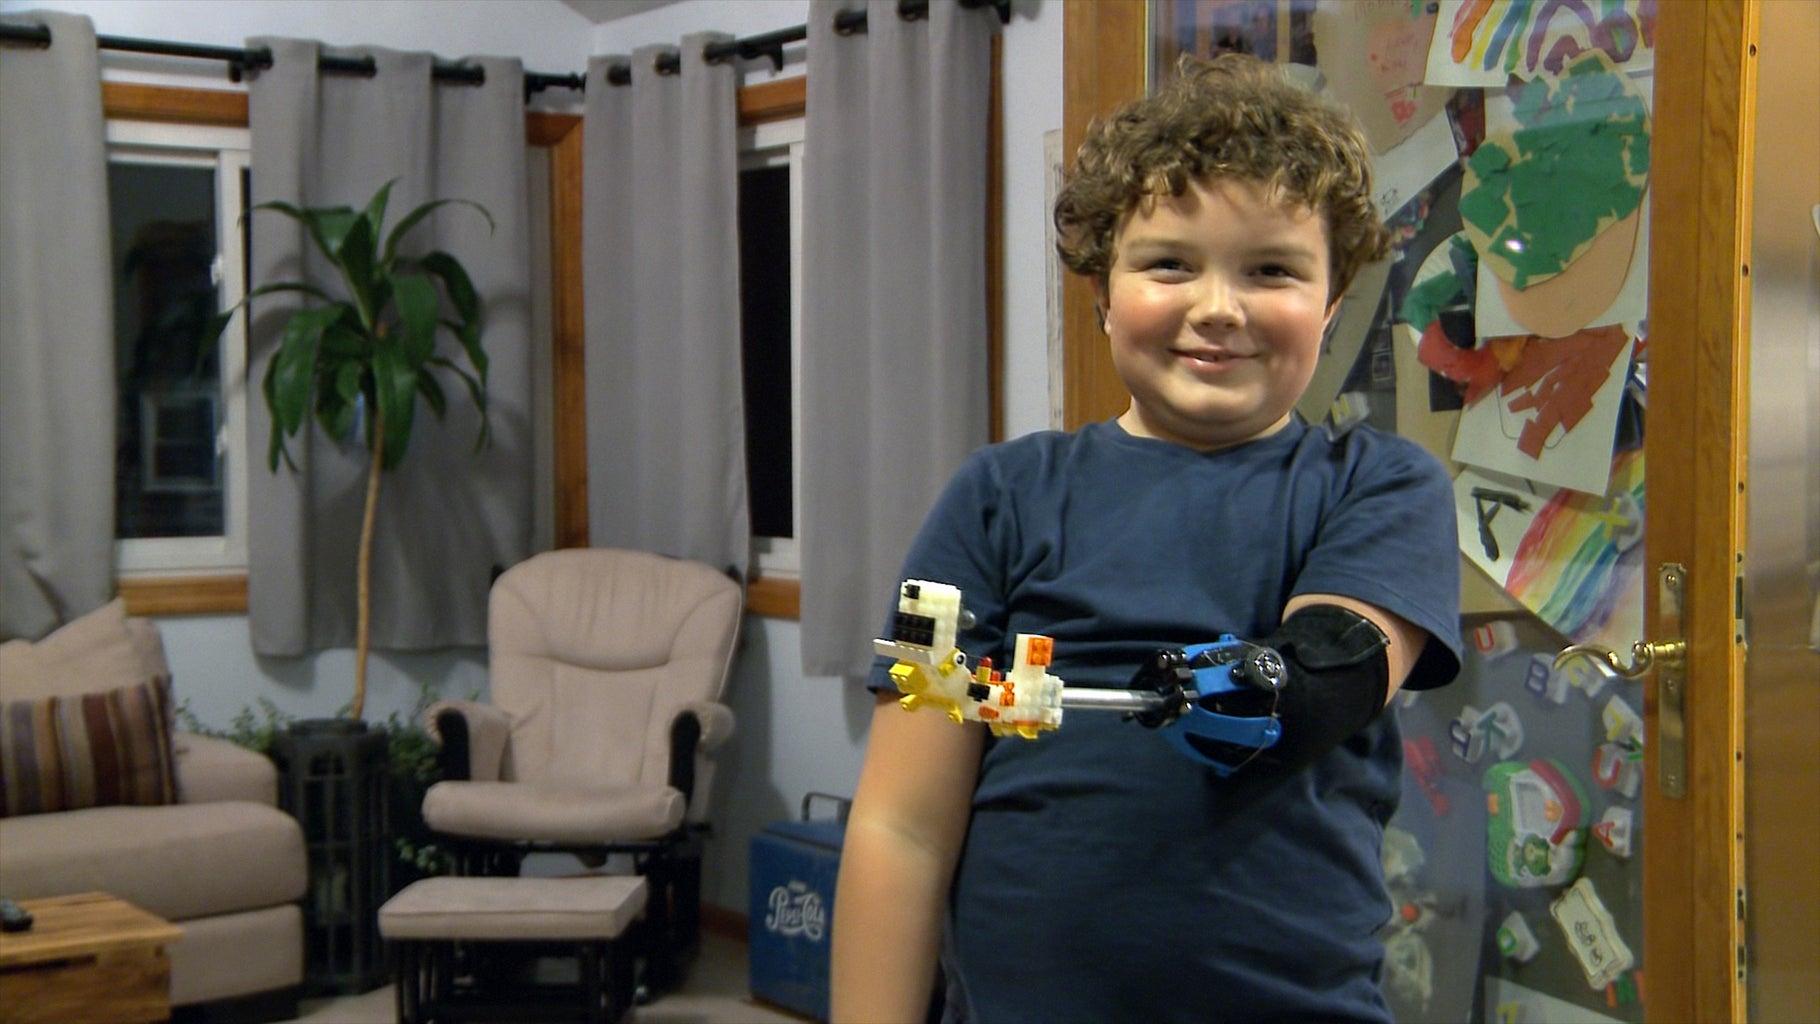 Attachment 5: LEGO Hand